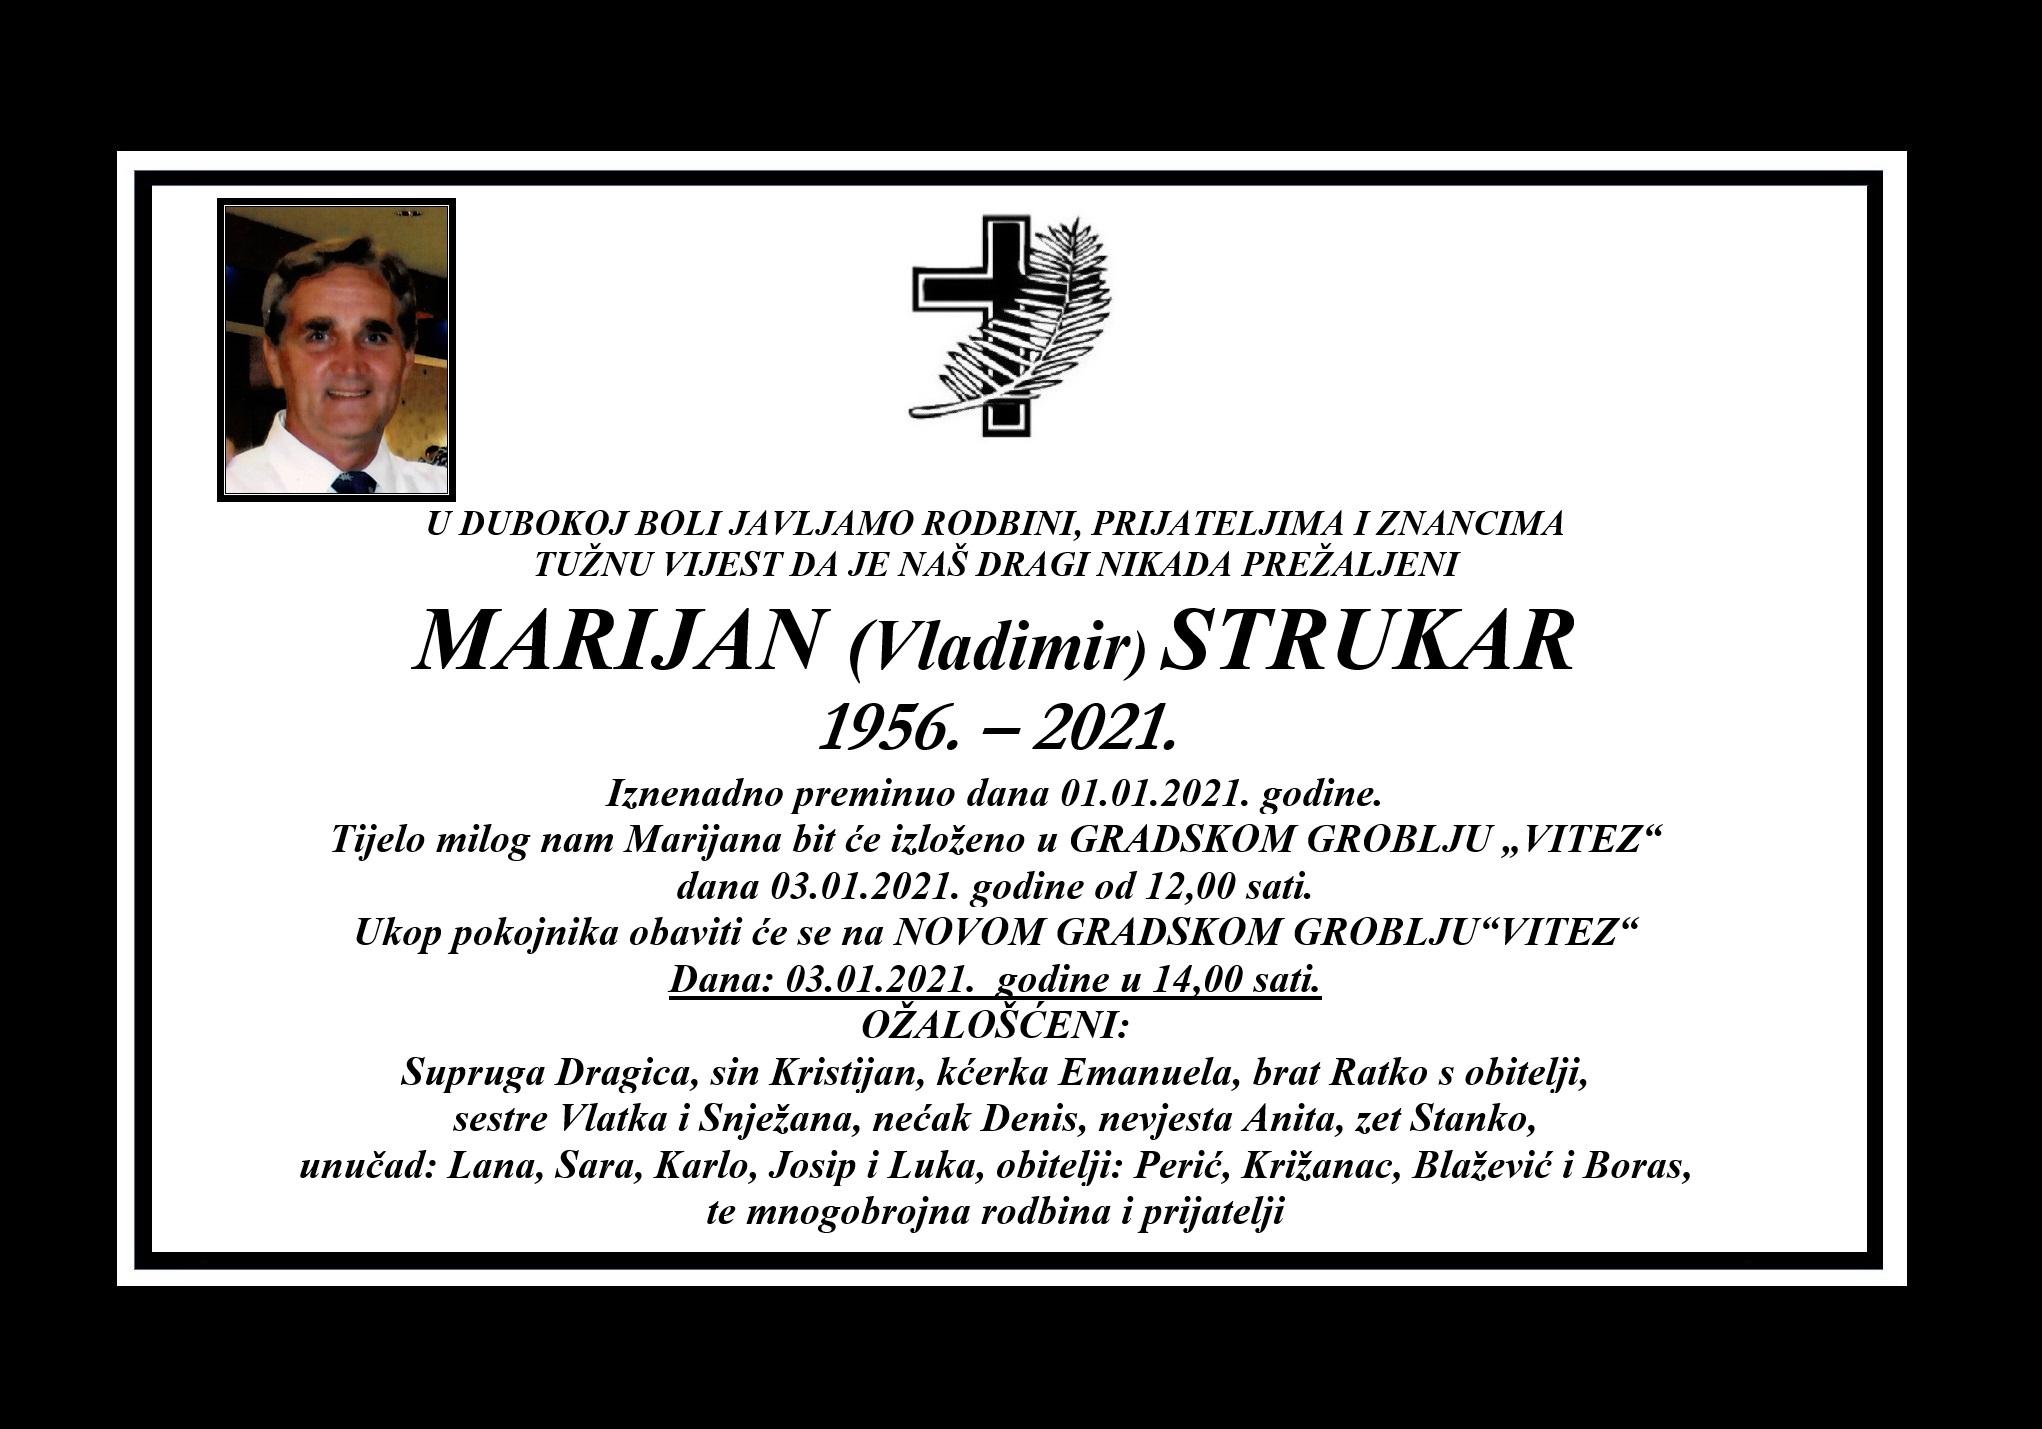 Marijan (Vladimir) Strukar